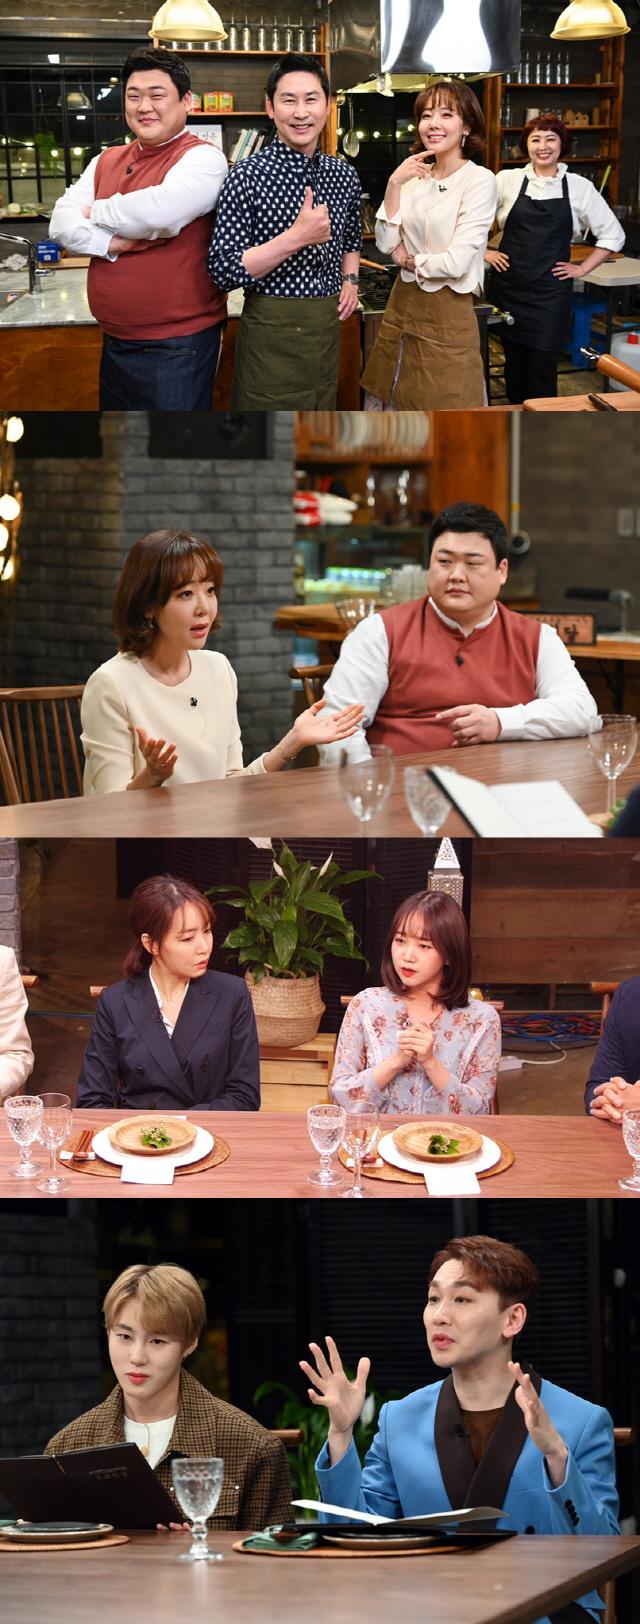 '격조식당', 미각의 신 신동엽 사장이 식재료에 손을 댄 까닭은?